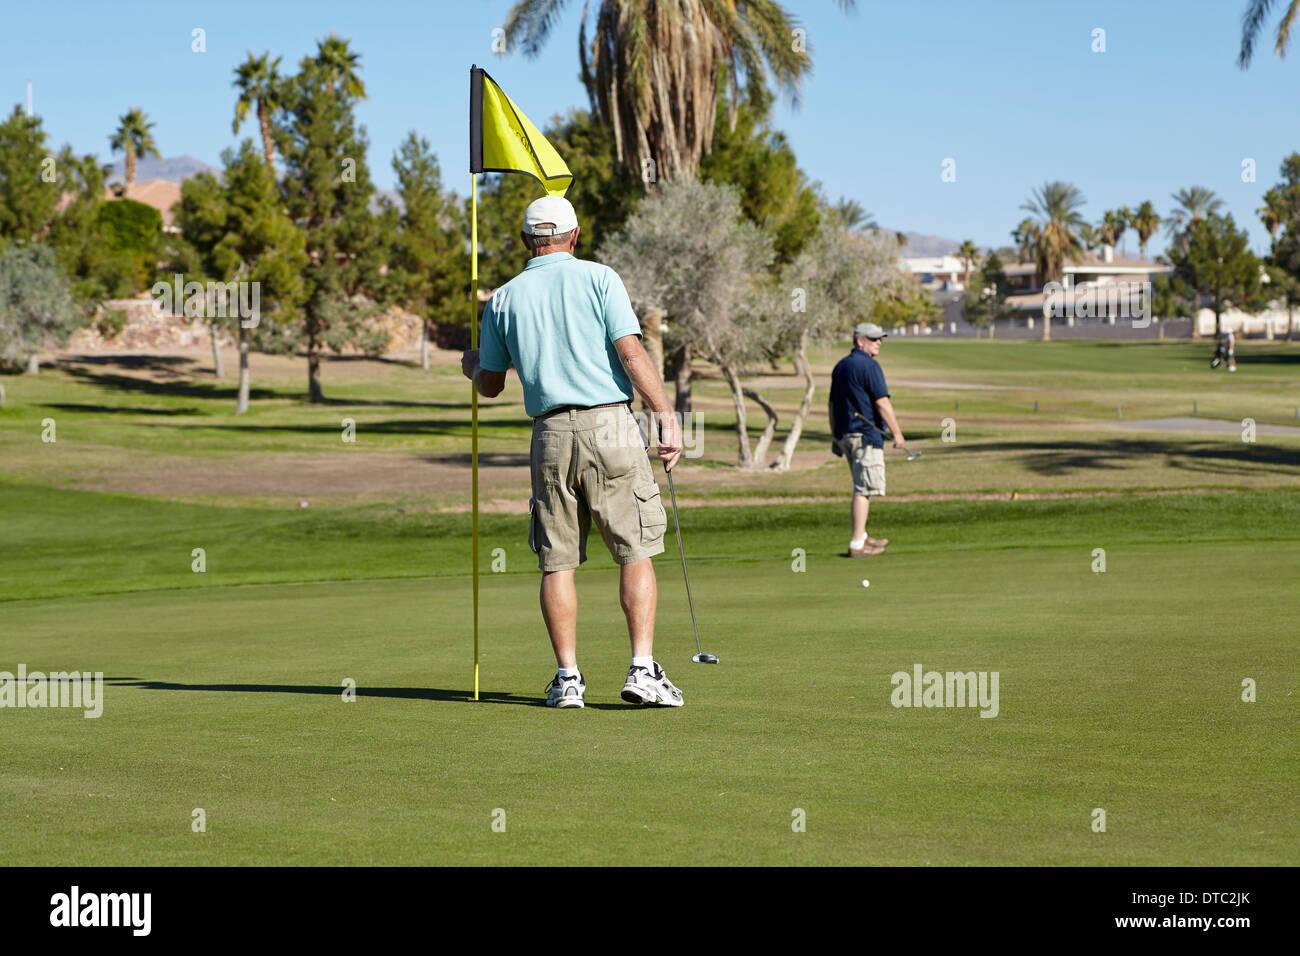 Zwei männliche Golfer auf dem Grün mit Fahne Stockbild